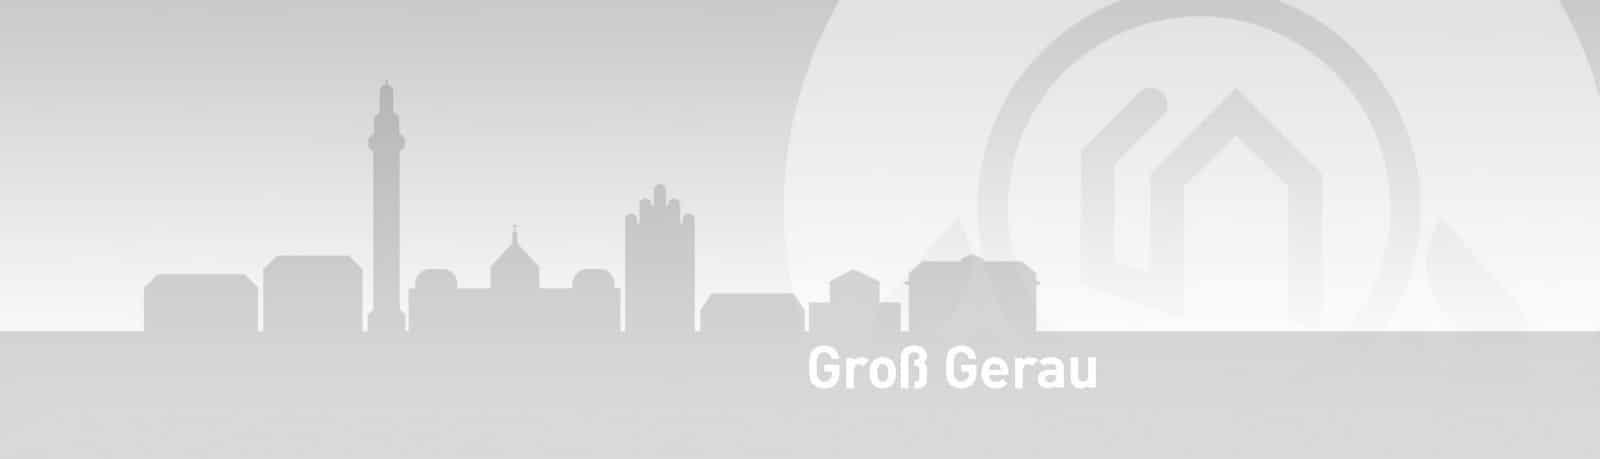 GrossGerau SENCURINA - Besondere Leistungen Groß Gerau